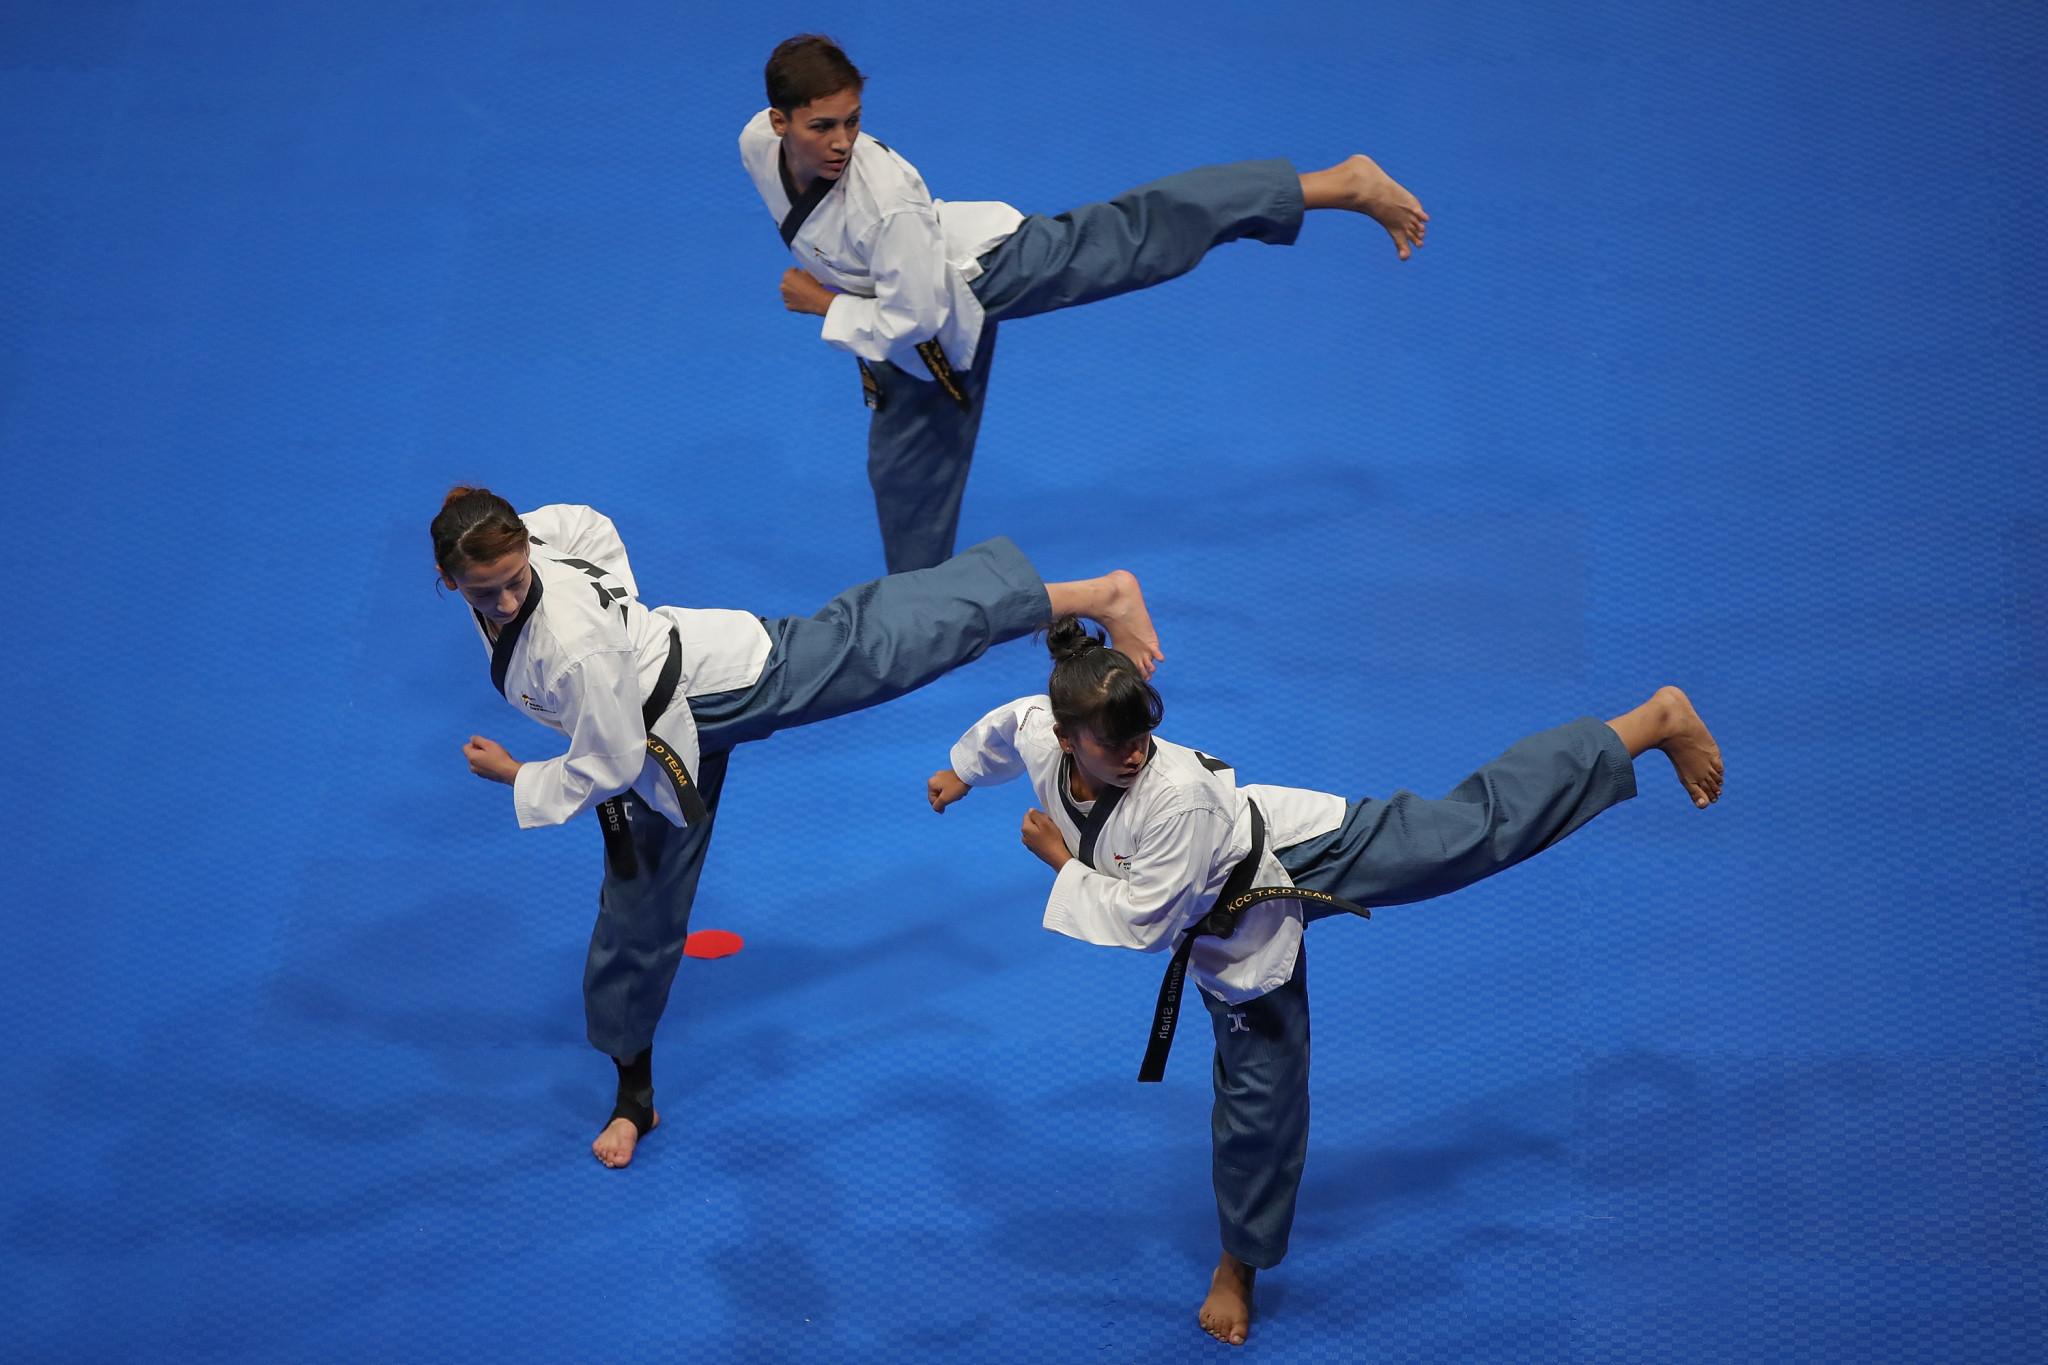 Goyang hosts signing ceremony for 2022 World Taekwondo Poomsae Championships